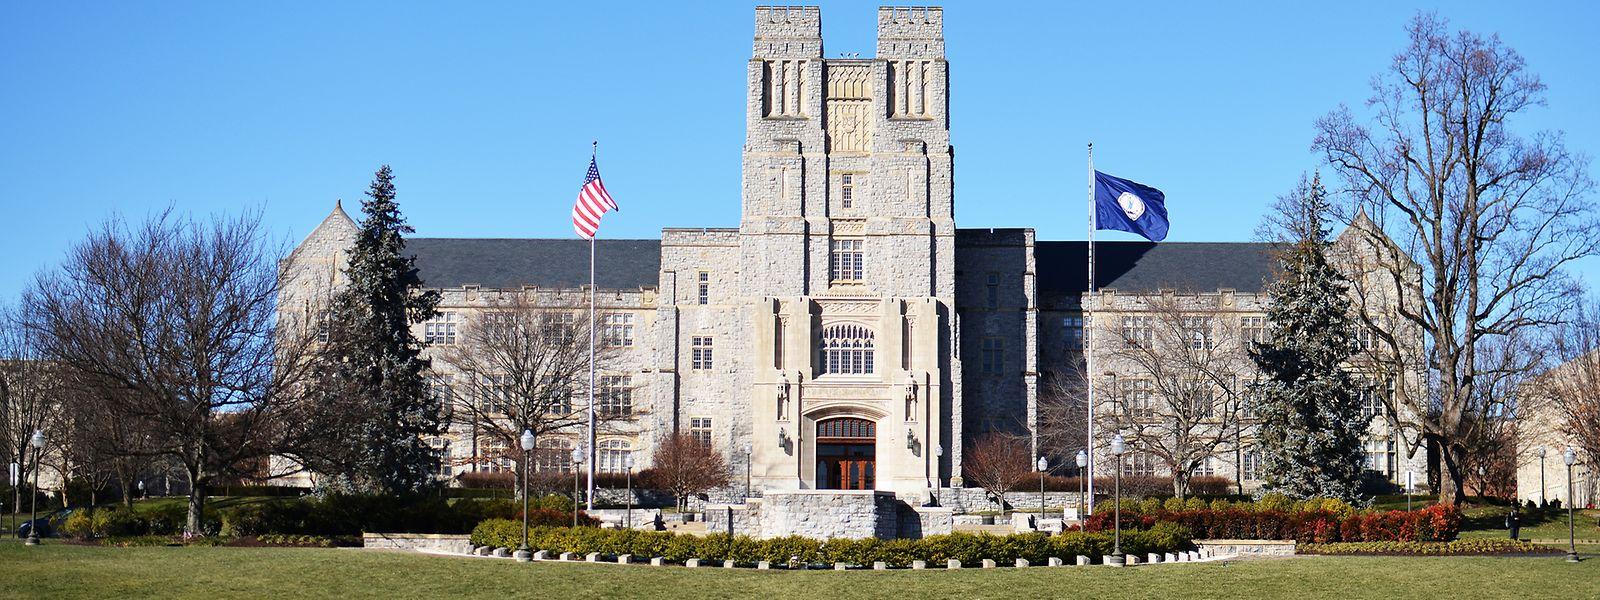 Die Virginia Polytechnic Institute and State University ist mit rund 36000 Studierenden die größte Hochschule im US-Bundesstaat Virginia. Sie zählt zu den besten 30 staatlichen Hochschulen der USA.